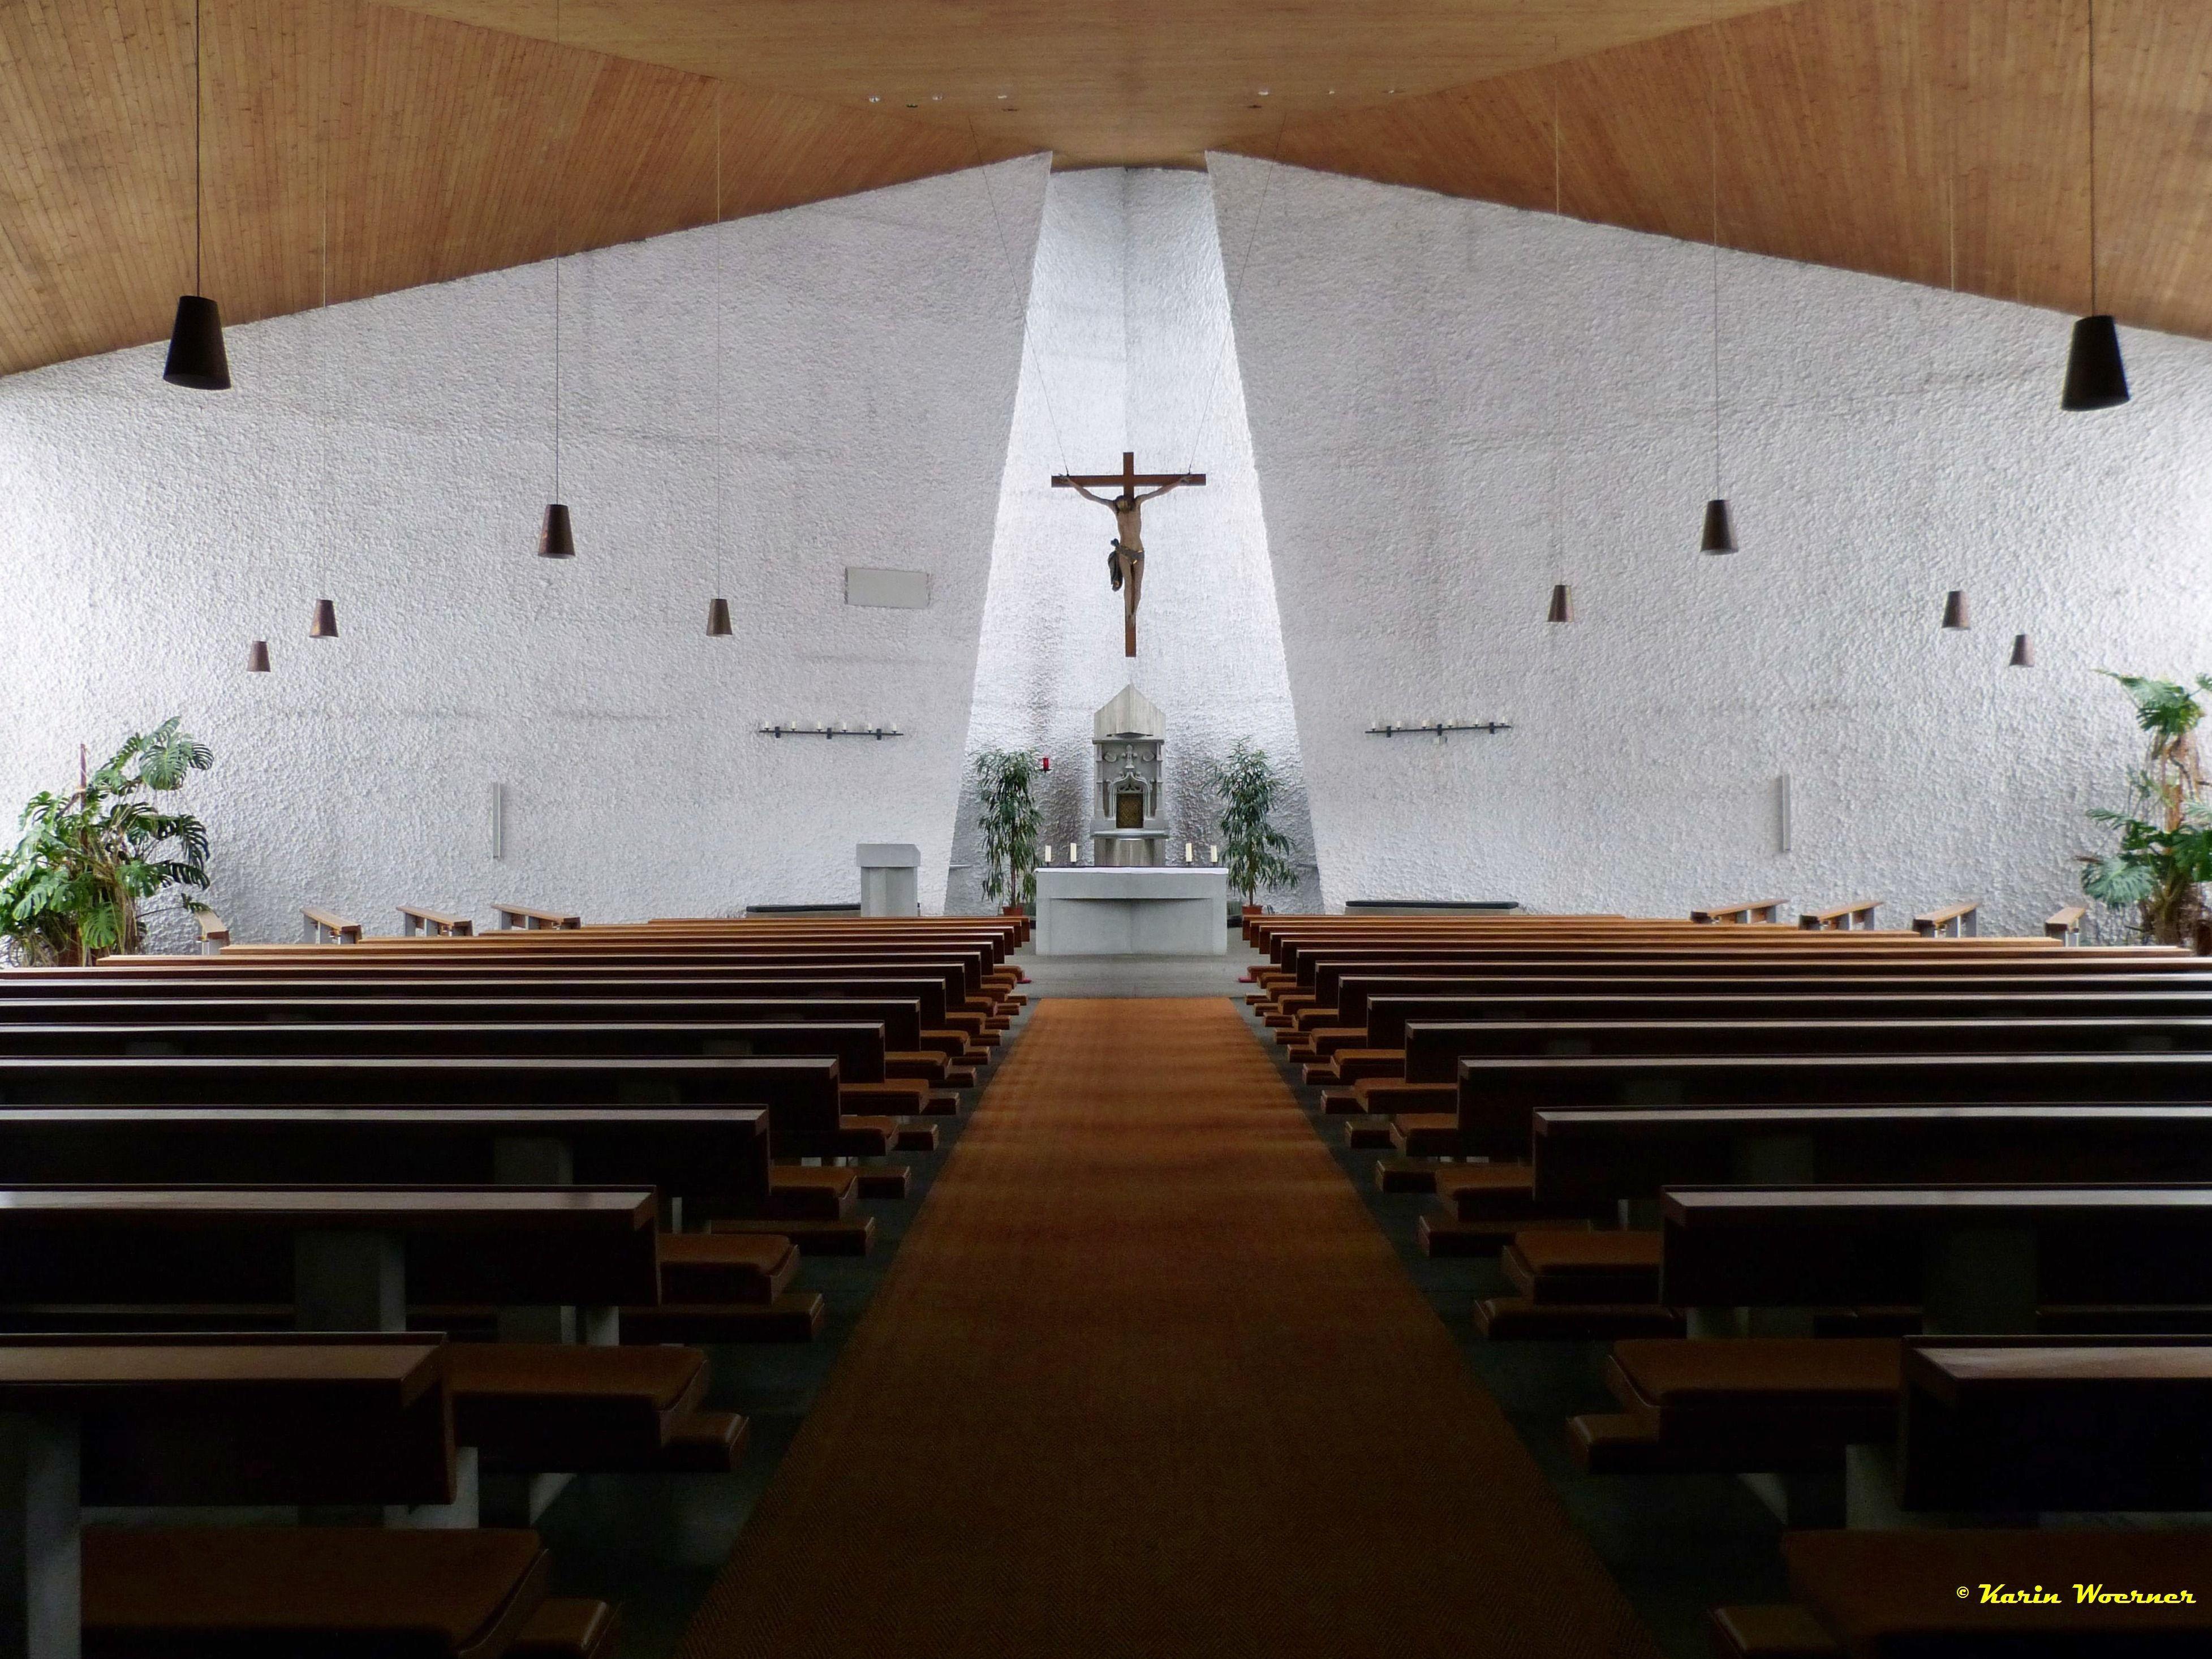 2016 - Kirche innen2